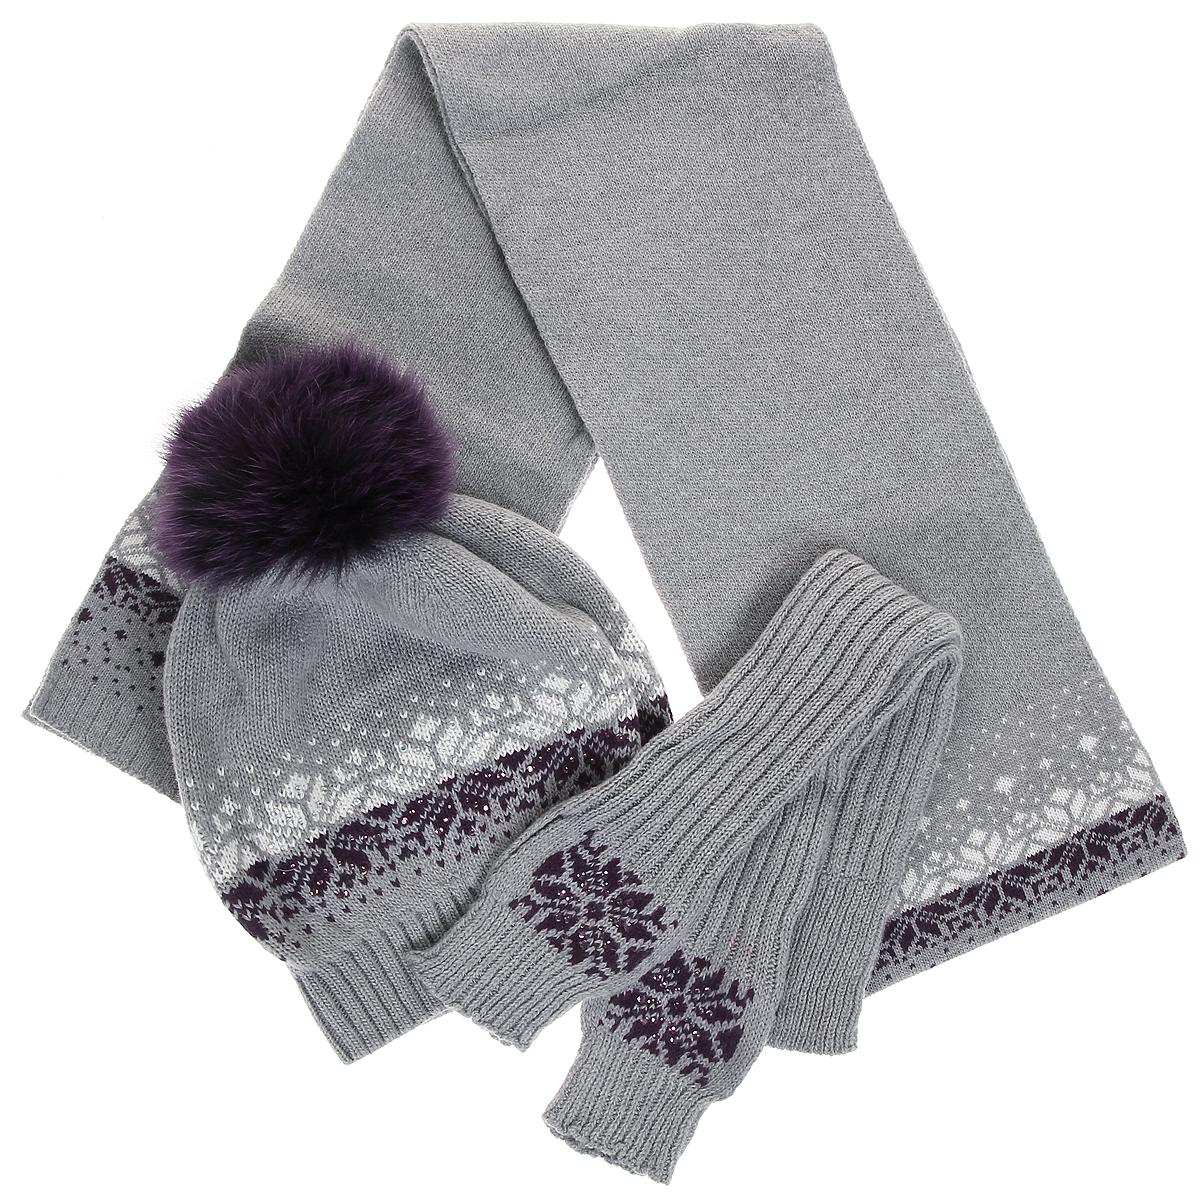 Комплект женский. 3586/43586/535863586/43586/53586Каждой женщине хочется иметь теплый красивый комплект, который отлично подойдет к верхней одежде и подчеркнет индивидуальность. Отличное решение - комплект из шапочки, шарфа и митенок, выполненных из мягкой пряжи с ангорой. Предметы набора оформлены зимним орнаментом и стразами. Шапка дополнена помпоном из натурального меха. Стильный дизайн и приятный на ощупь материал подарят вам истинное наслаждение. Комплект Marhatter добавит вашему образу женственности и подарит чувство комфорта в холодную погоду.